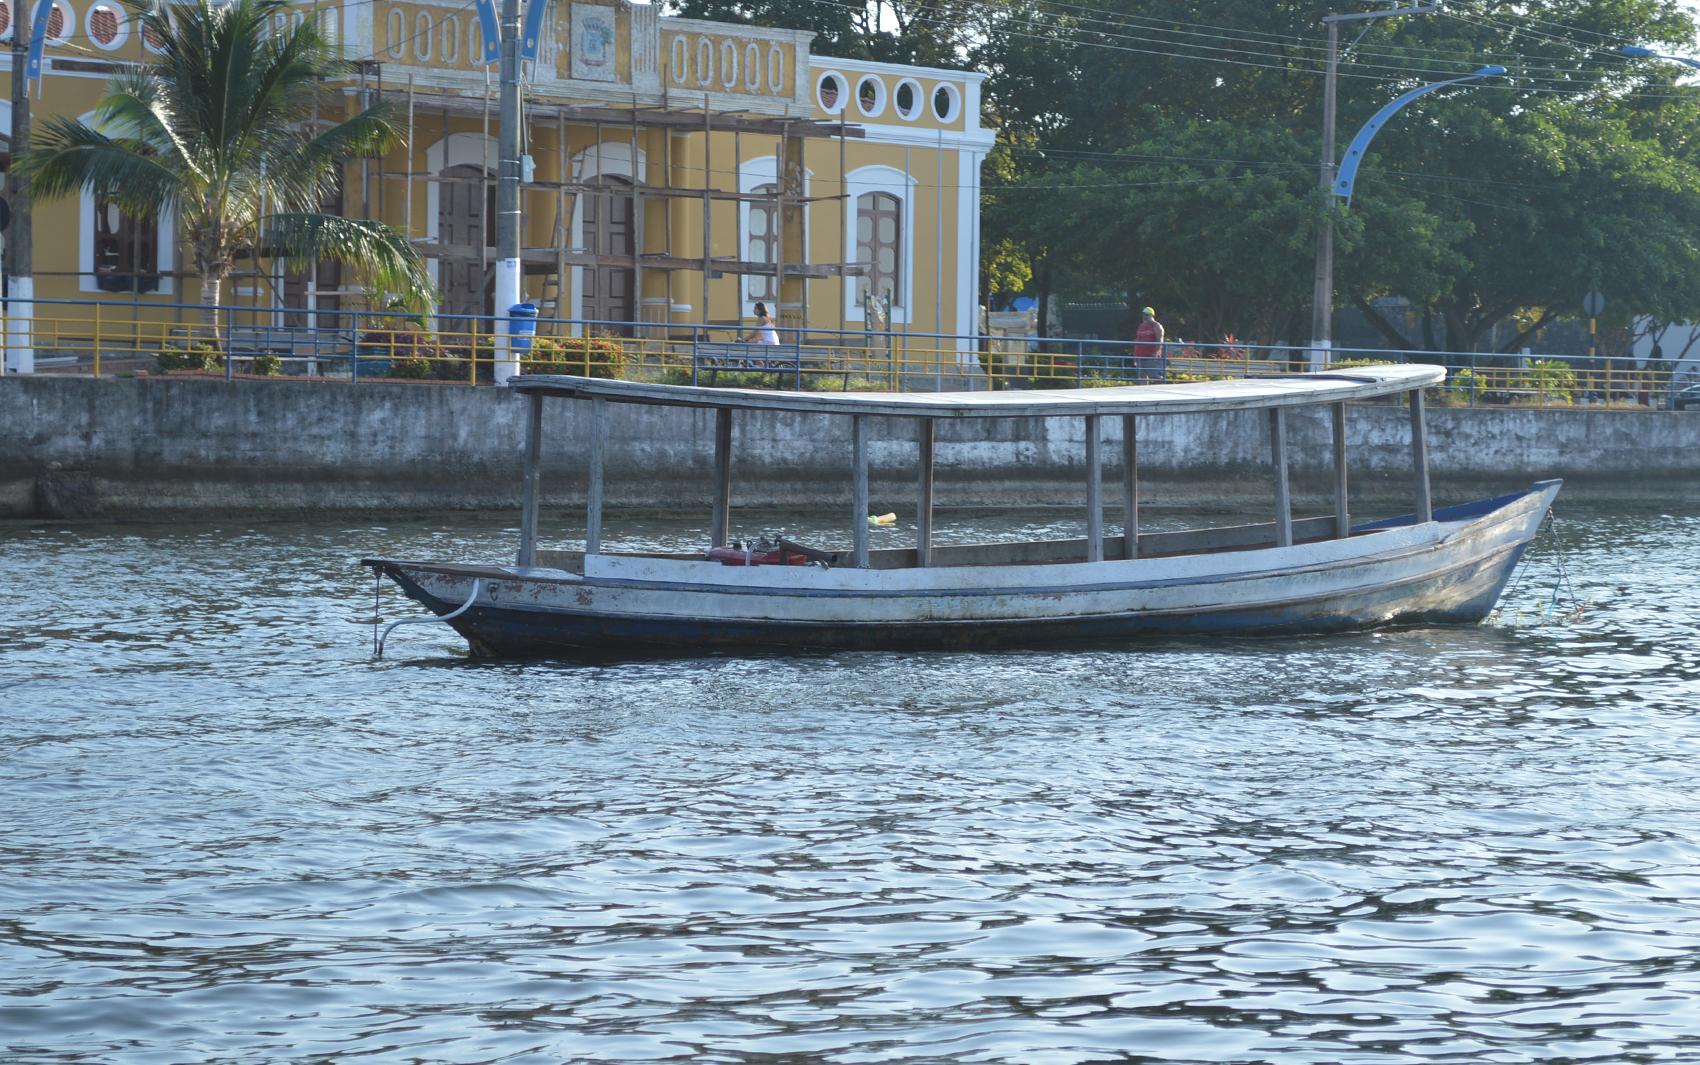 Fotos foram feitas durante passeio de Santarém até a região do Ituqui no Rio Amazonas.